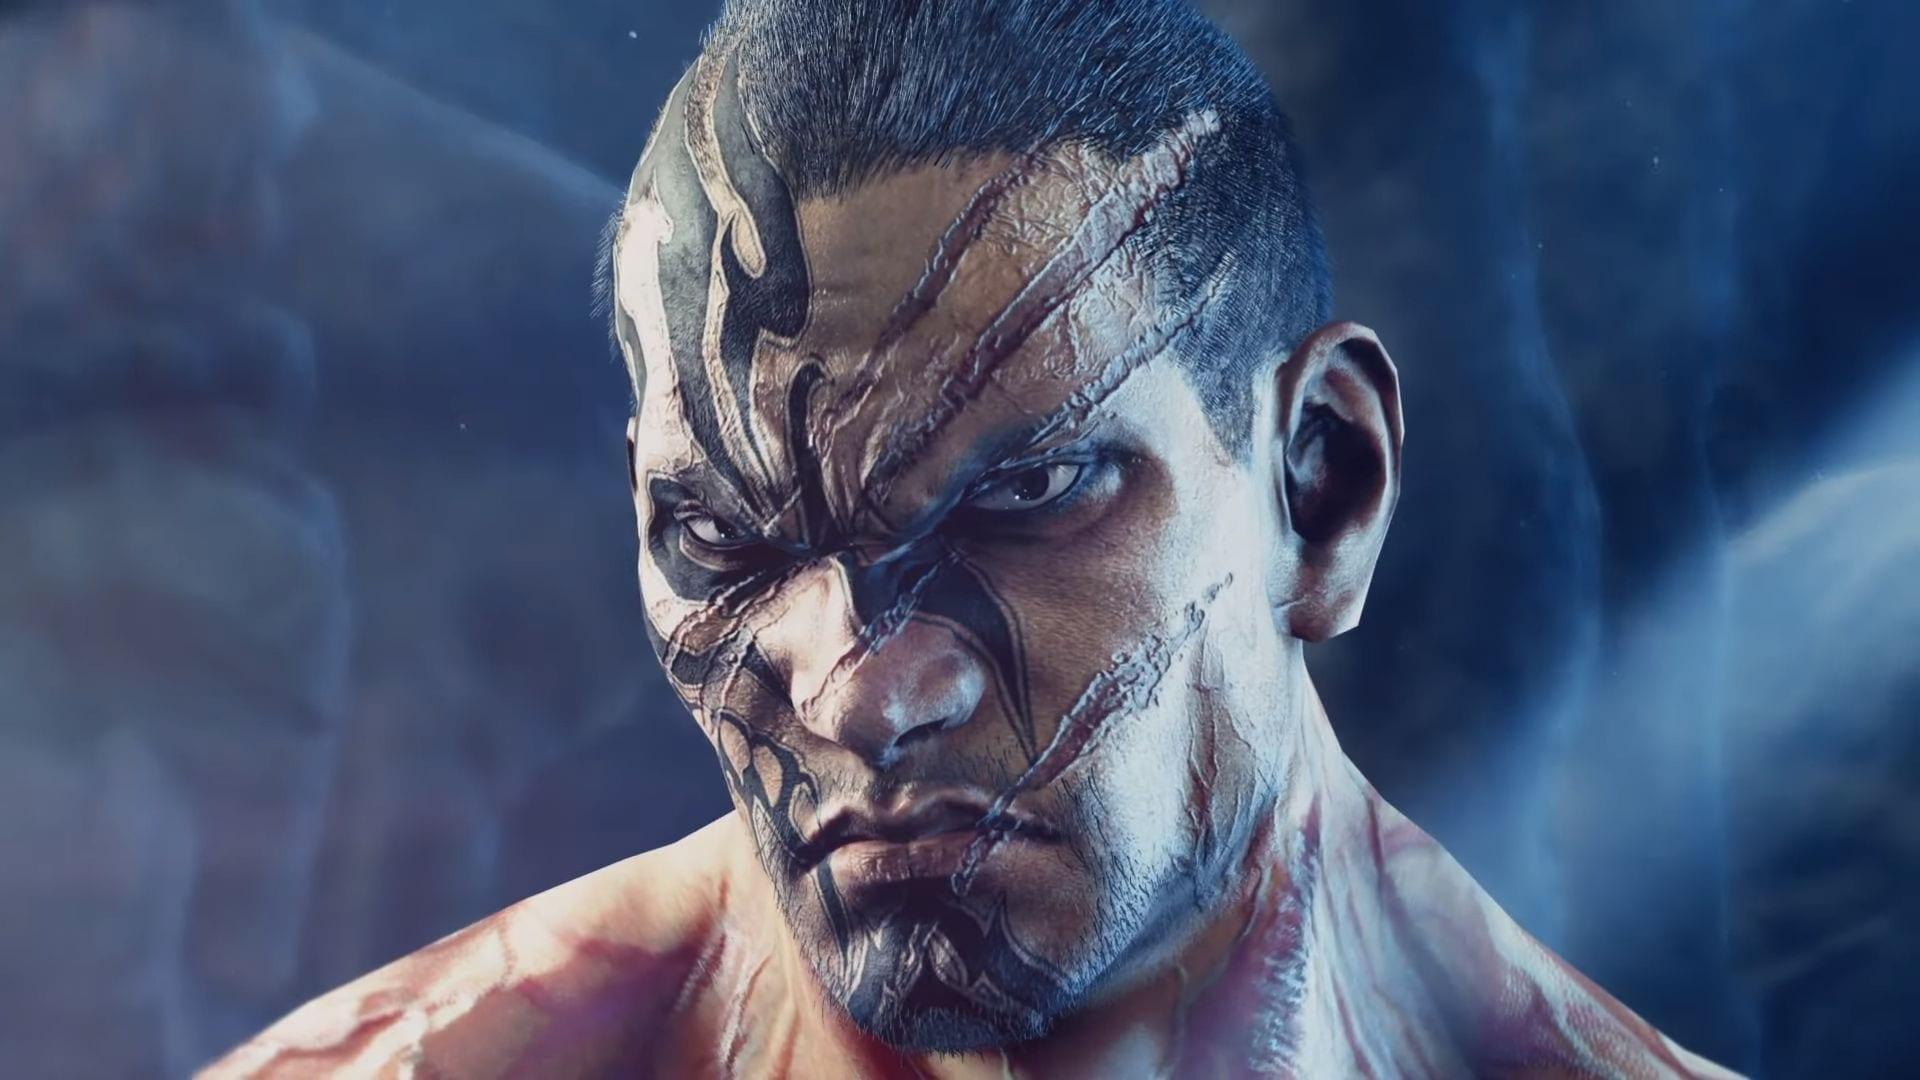 New Tekken 7 Dlc Character Fahkumram Gets Release Date And